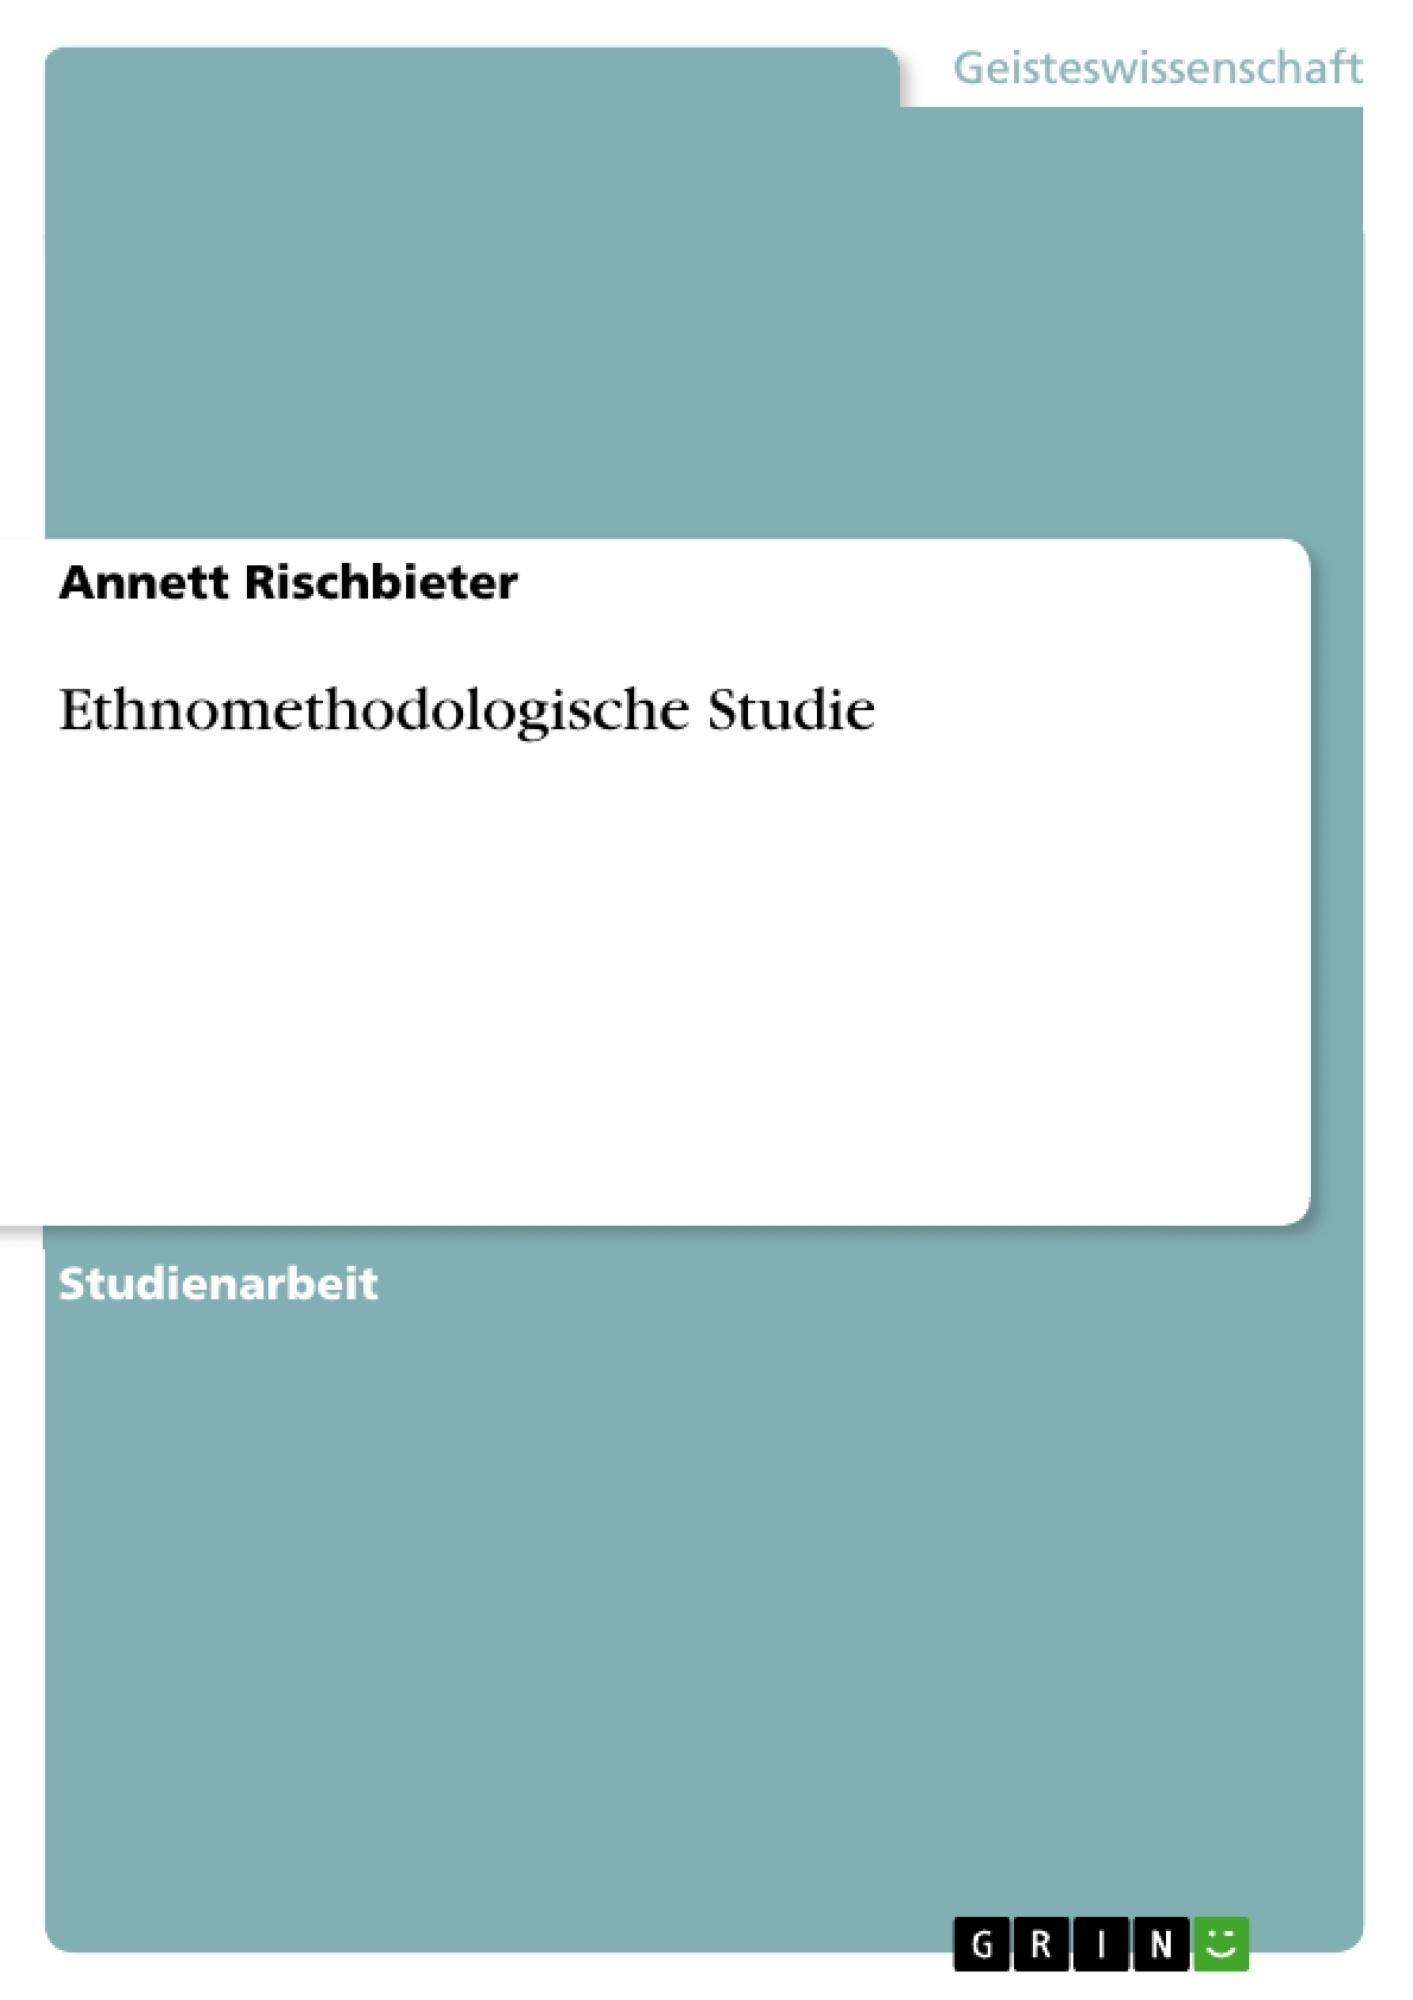 Titel: Ethnomethodologische Studie